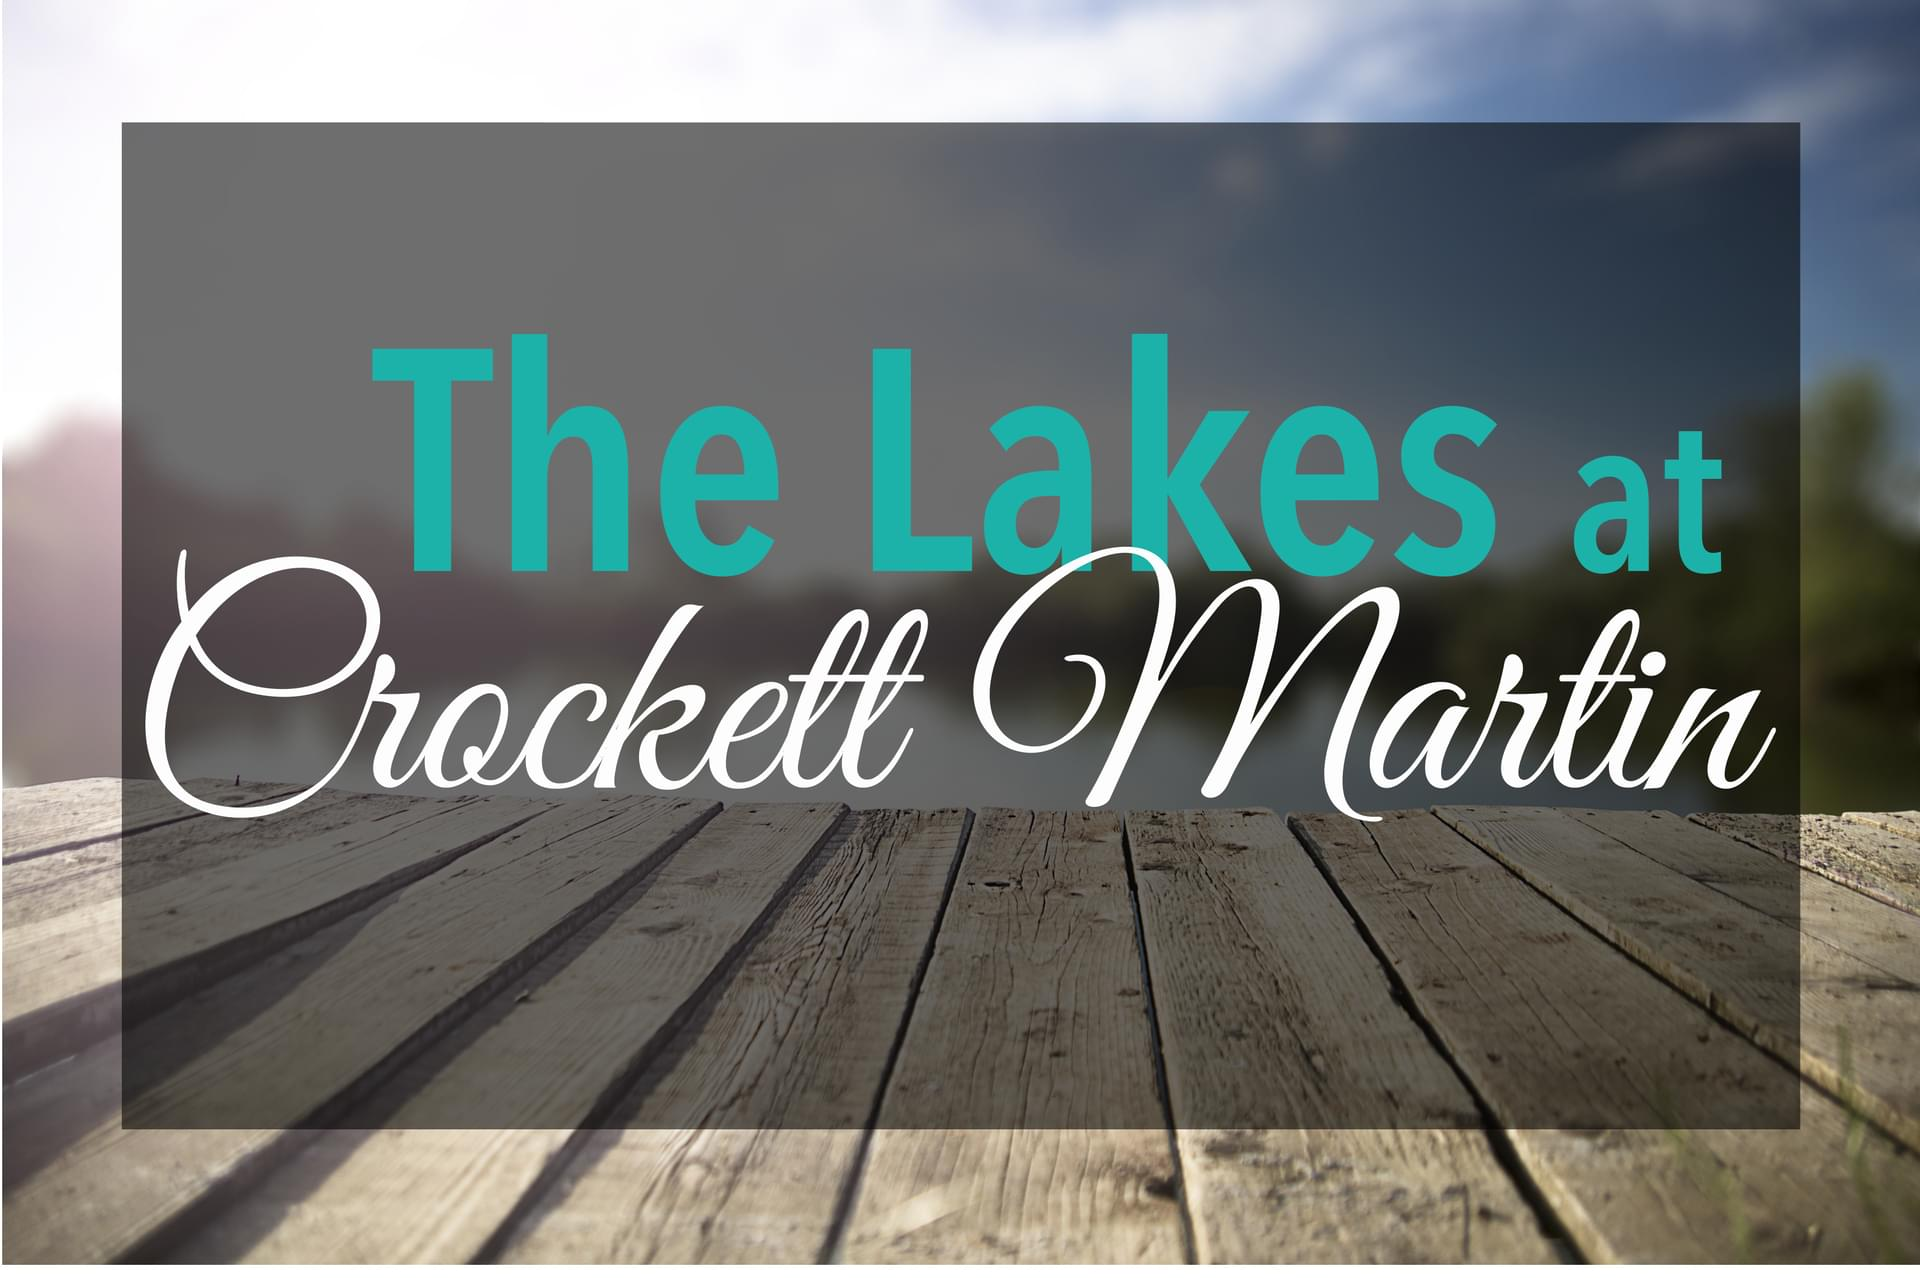 The Lakes at Crockett Martin in Conroe, TX